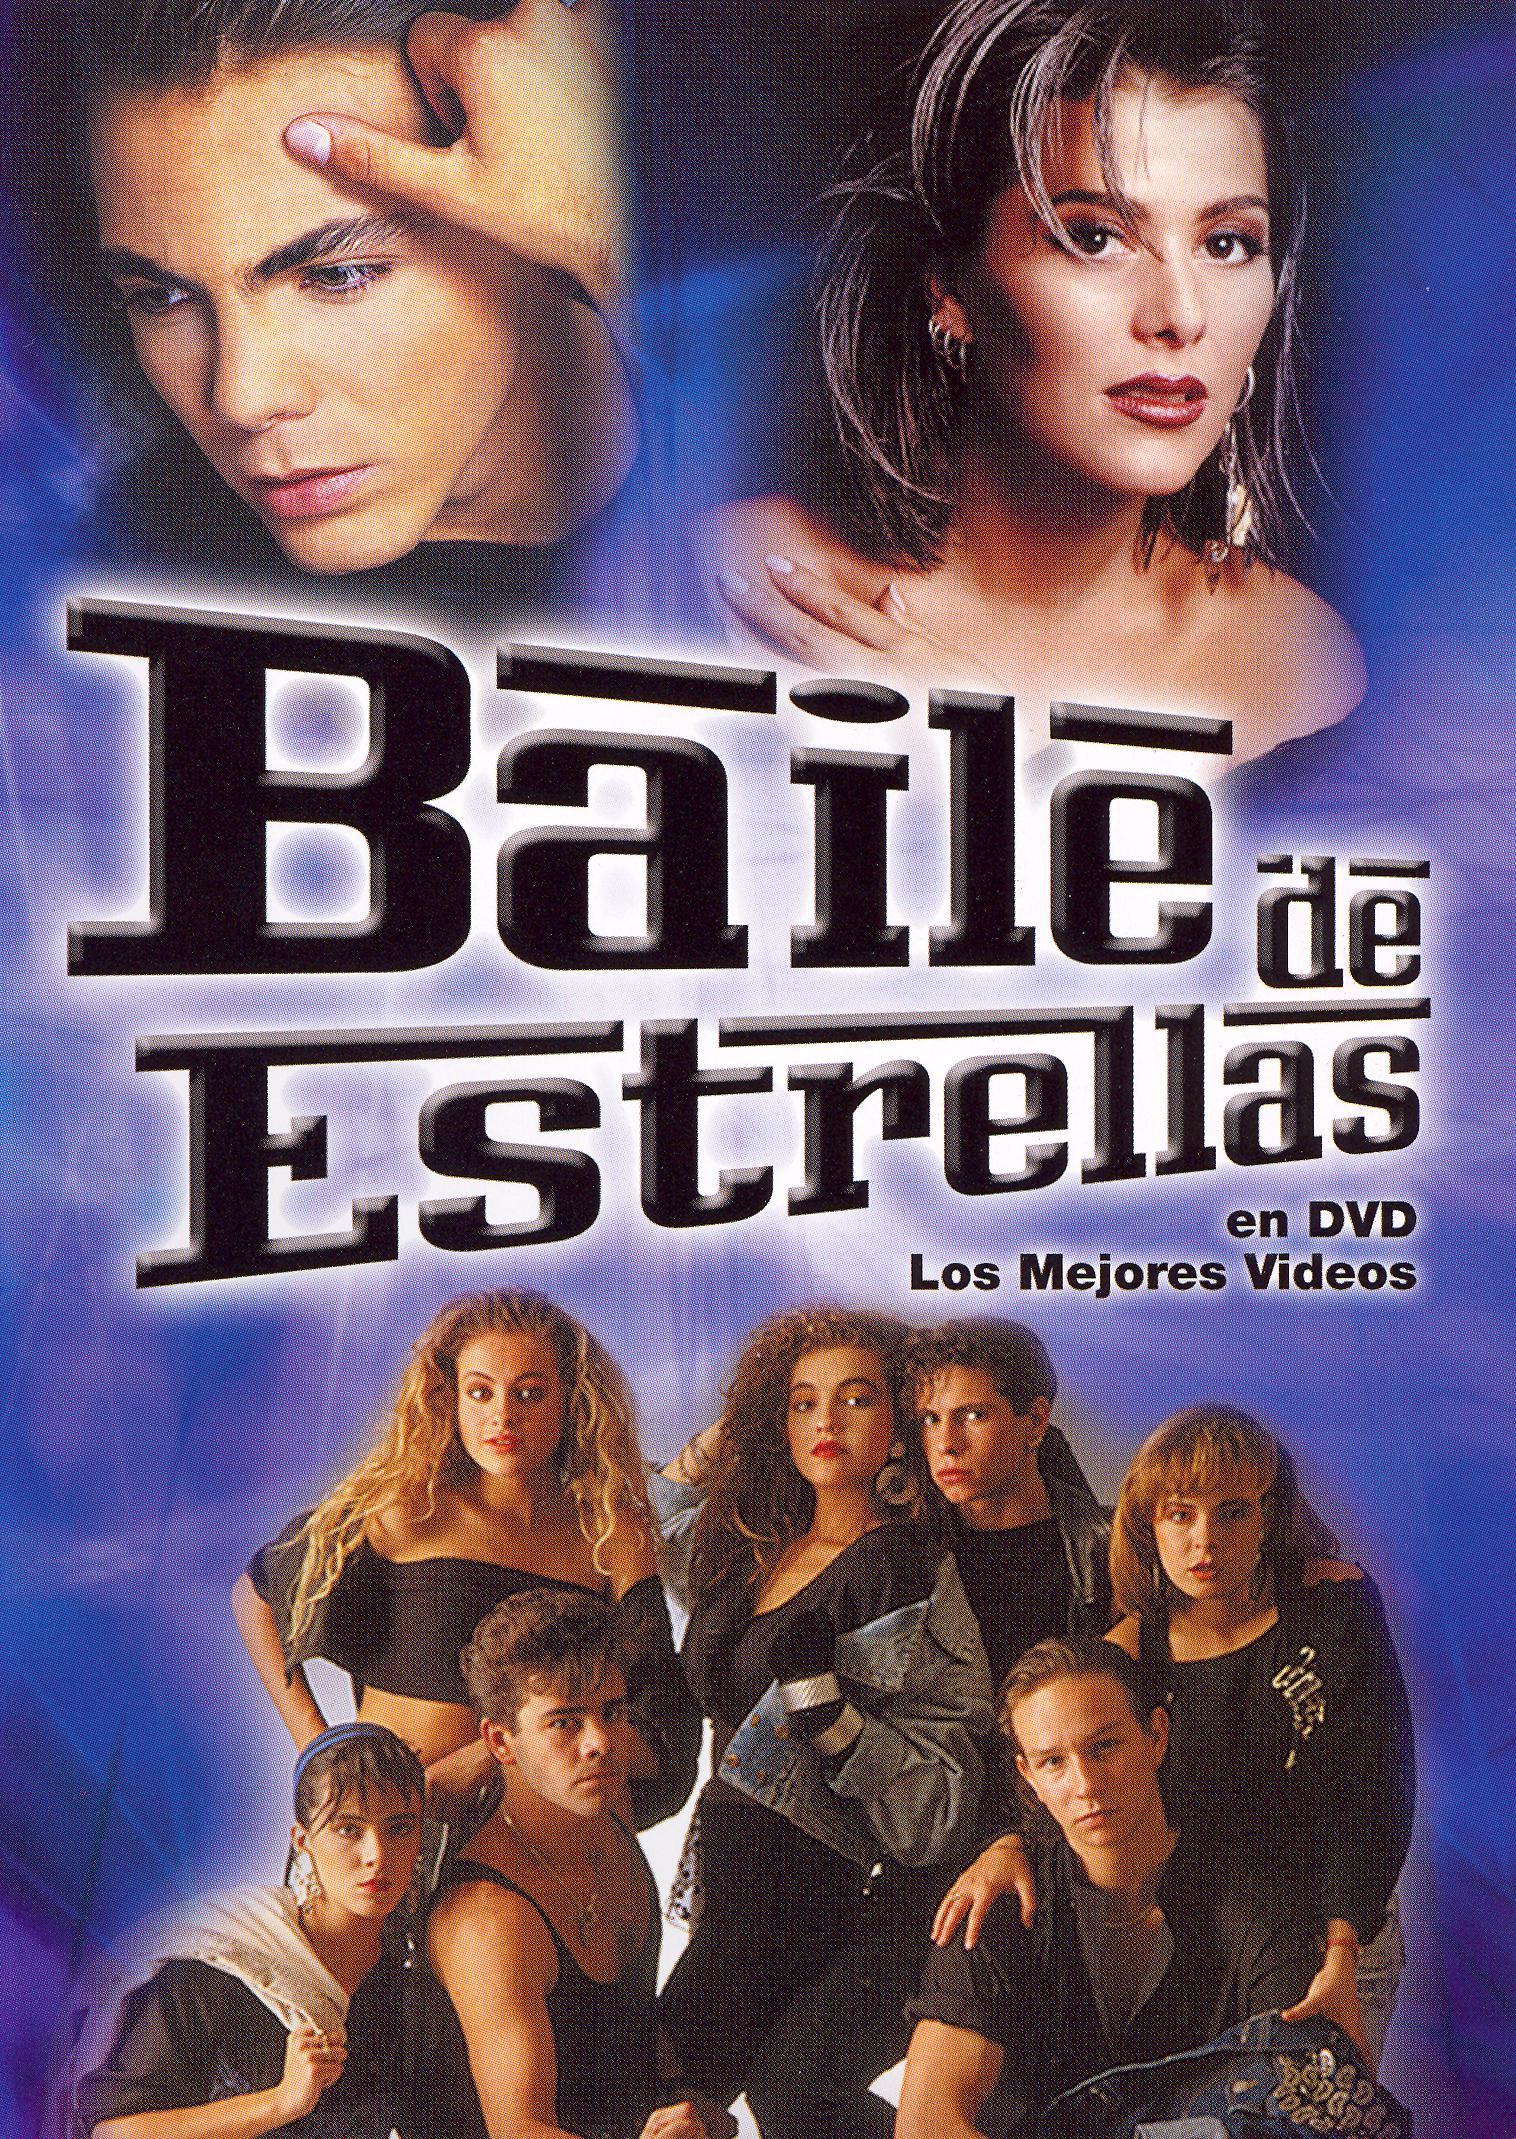 Baile de Estrellas en DVD